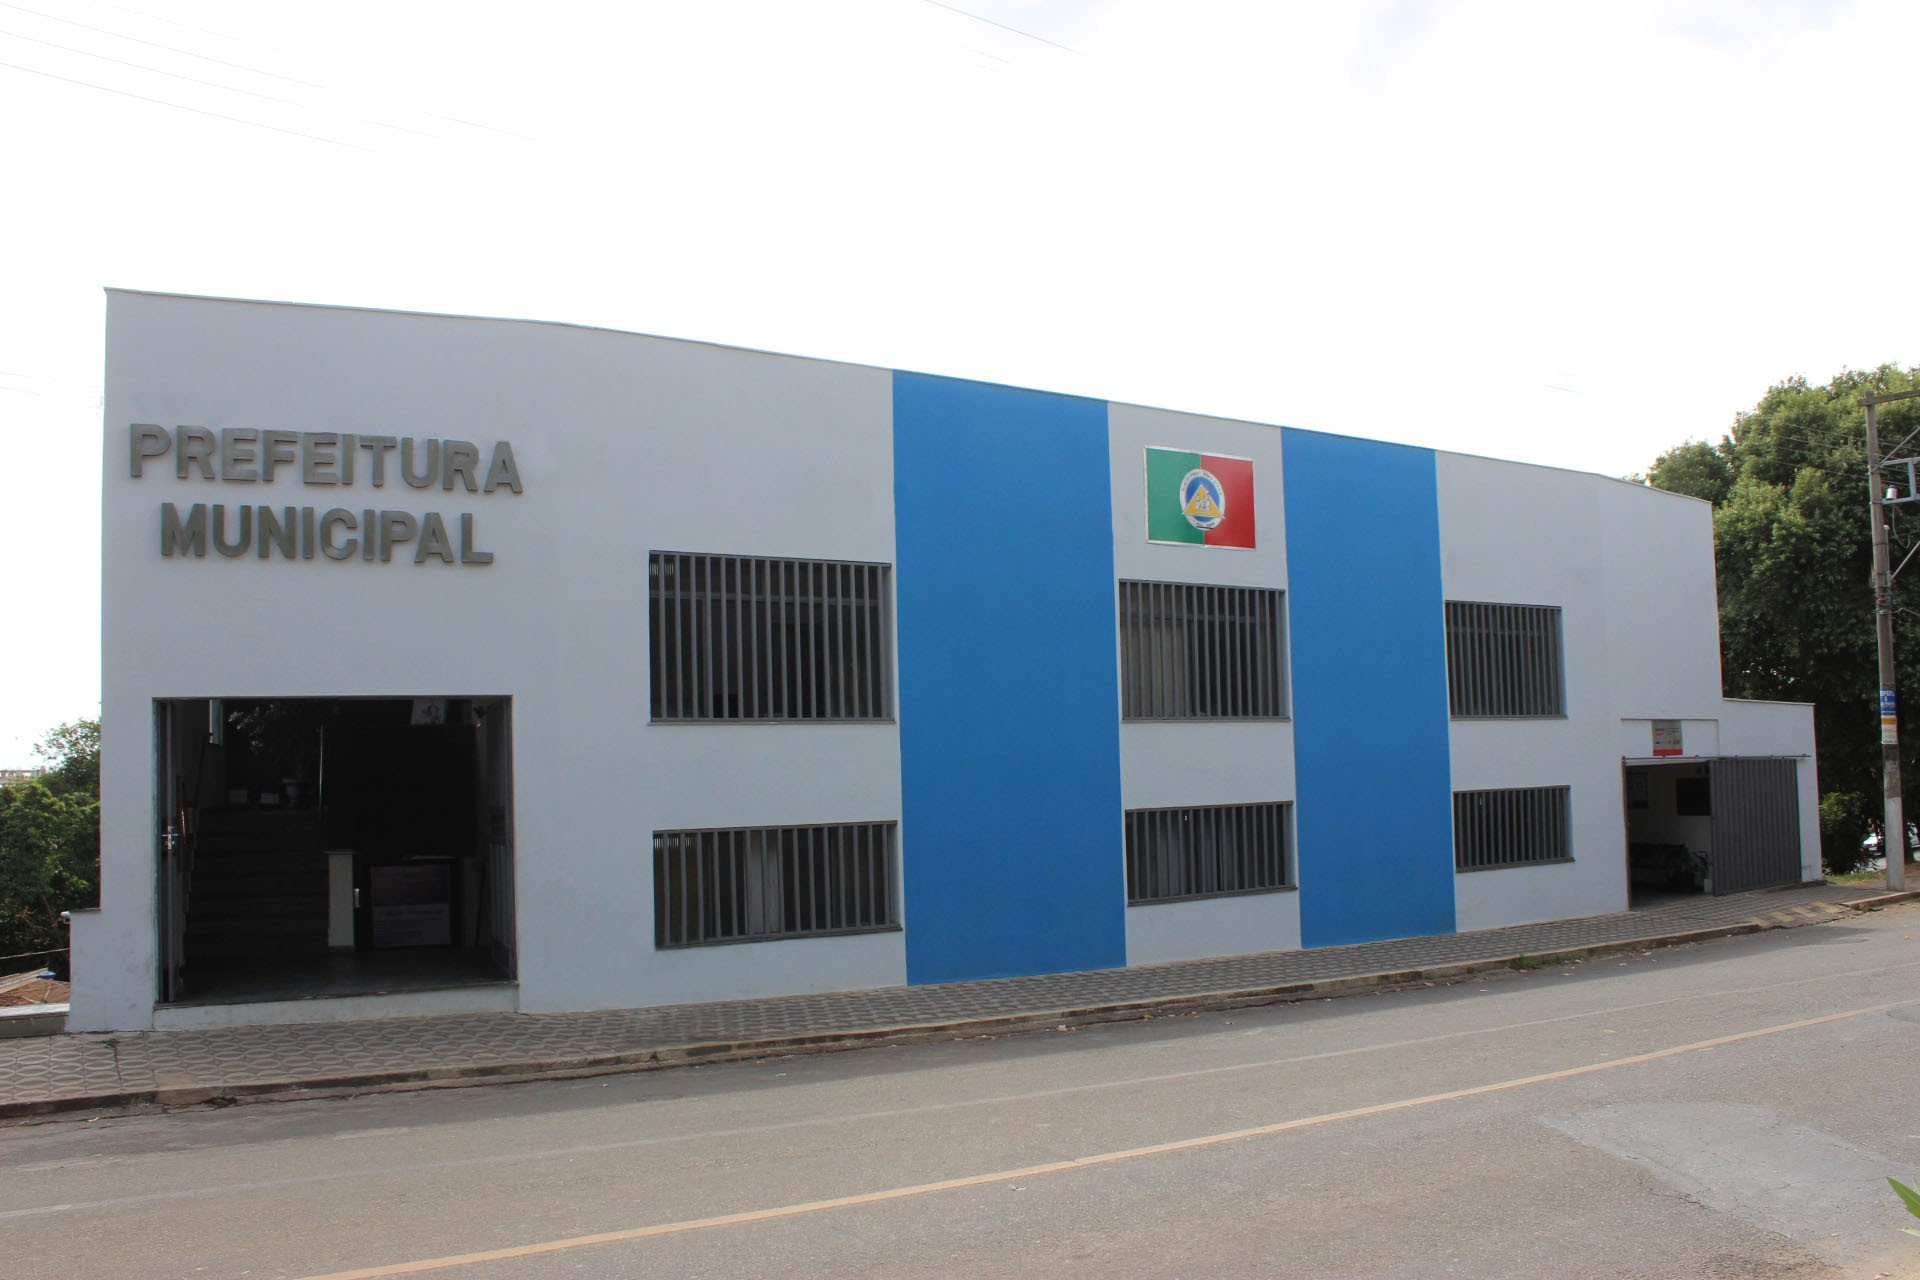 Prefeitura de Bom Despacho é autorizada a criar empresa de saneamento - Notícias - Plantão Diário